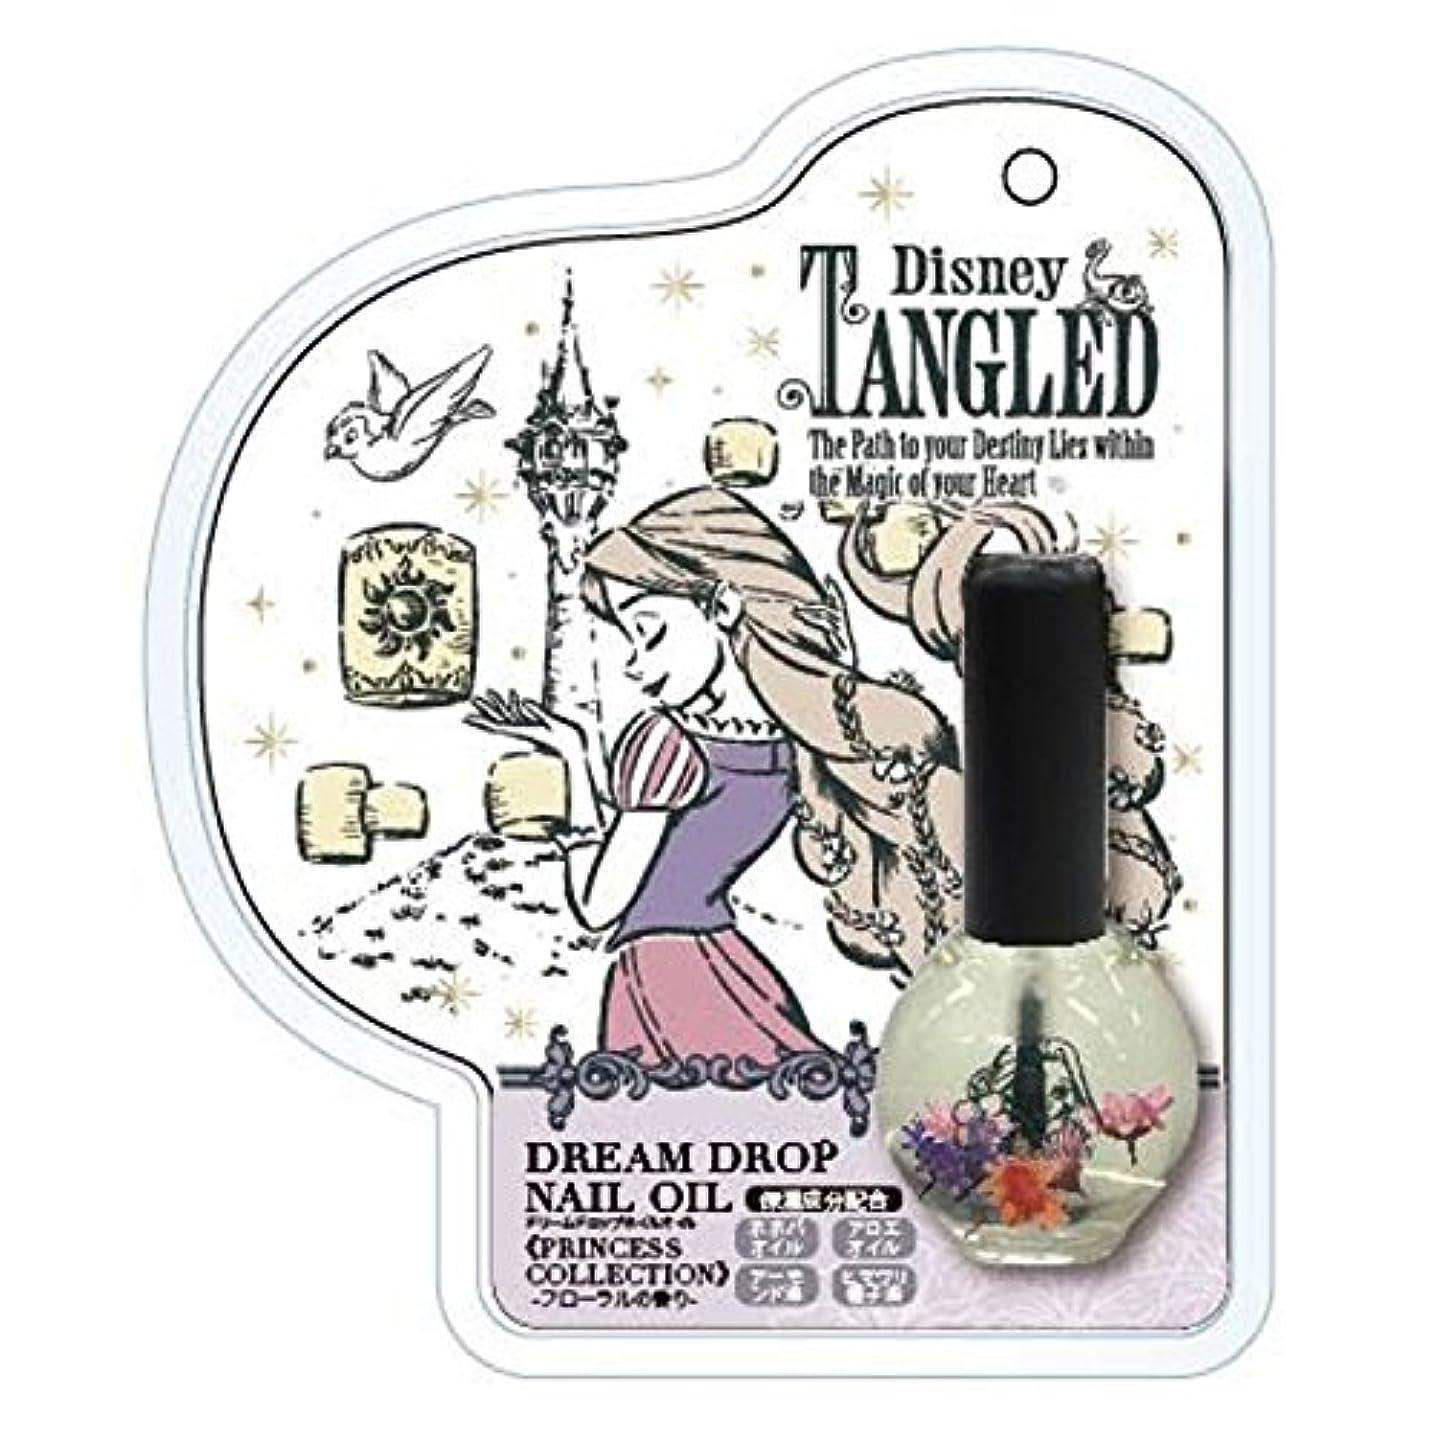 冬古代人工的なSHO-BI(ショービ) ドリームドロップネイルオイル プリンセスコレクション ラプンツェル-フローラルの香り-DN04751